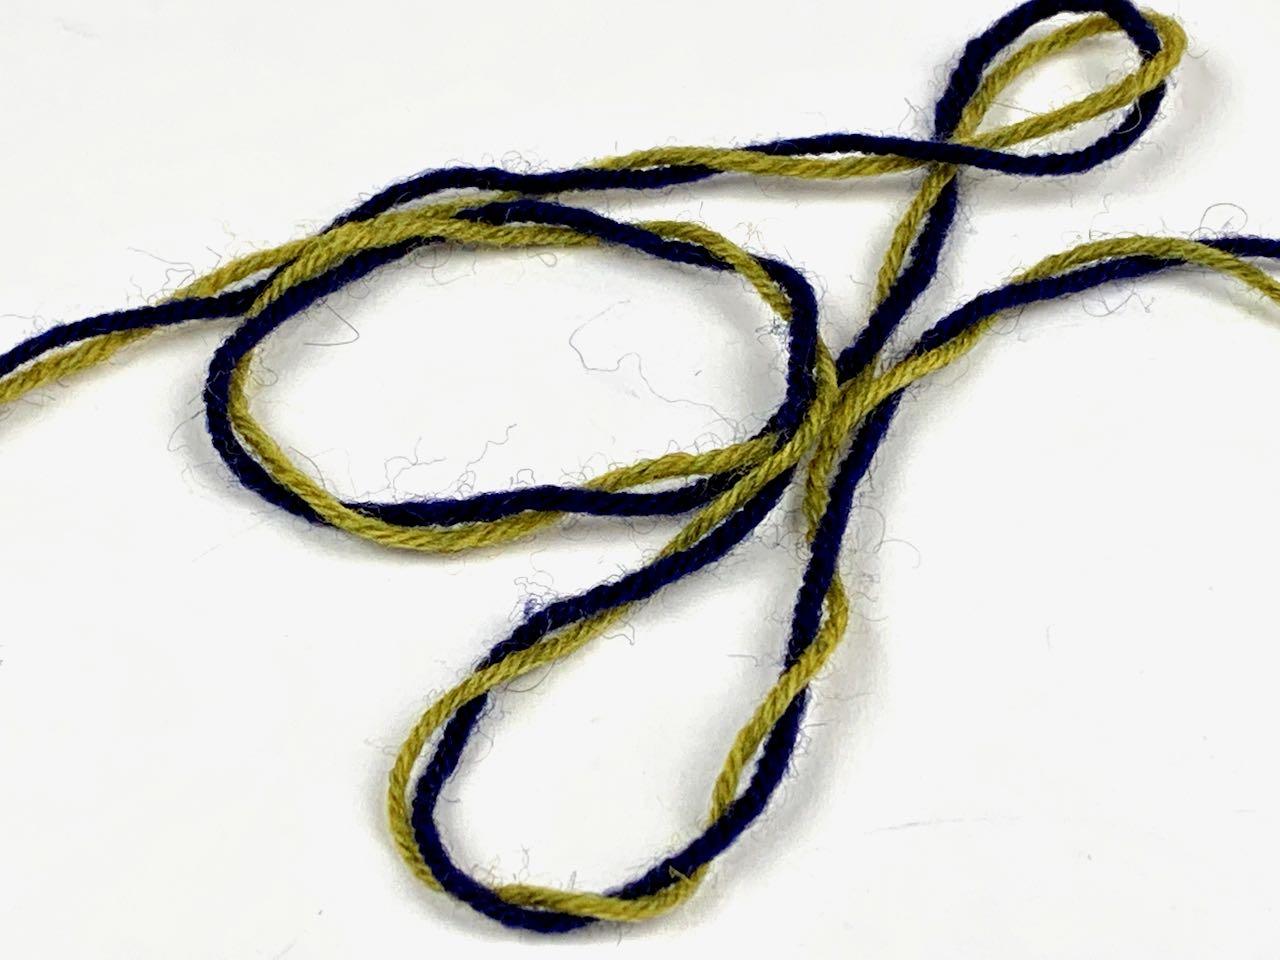 Socken im lettischen Stil - Das Garn verwirrt sich beim Stricken von Teil 1 der lettischen Borte Masche für Masche. In Teil 2 wird andersherum gearbeitet. Dadurch entwirrt sich der Faden.